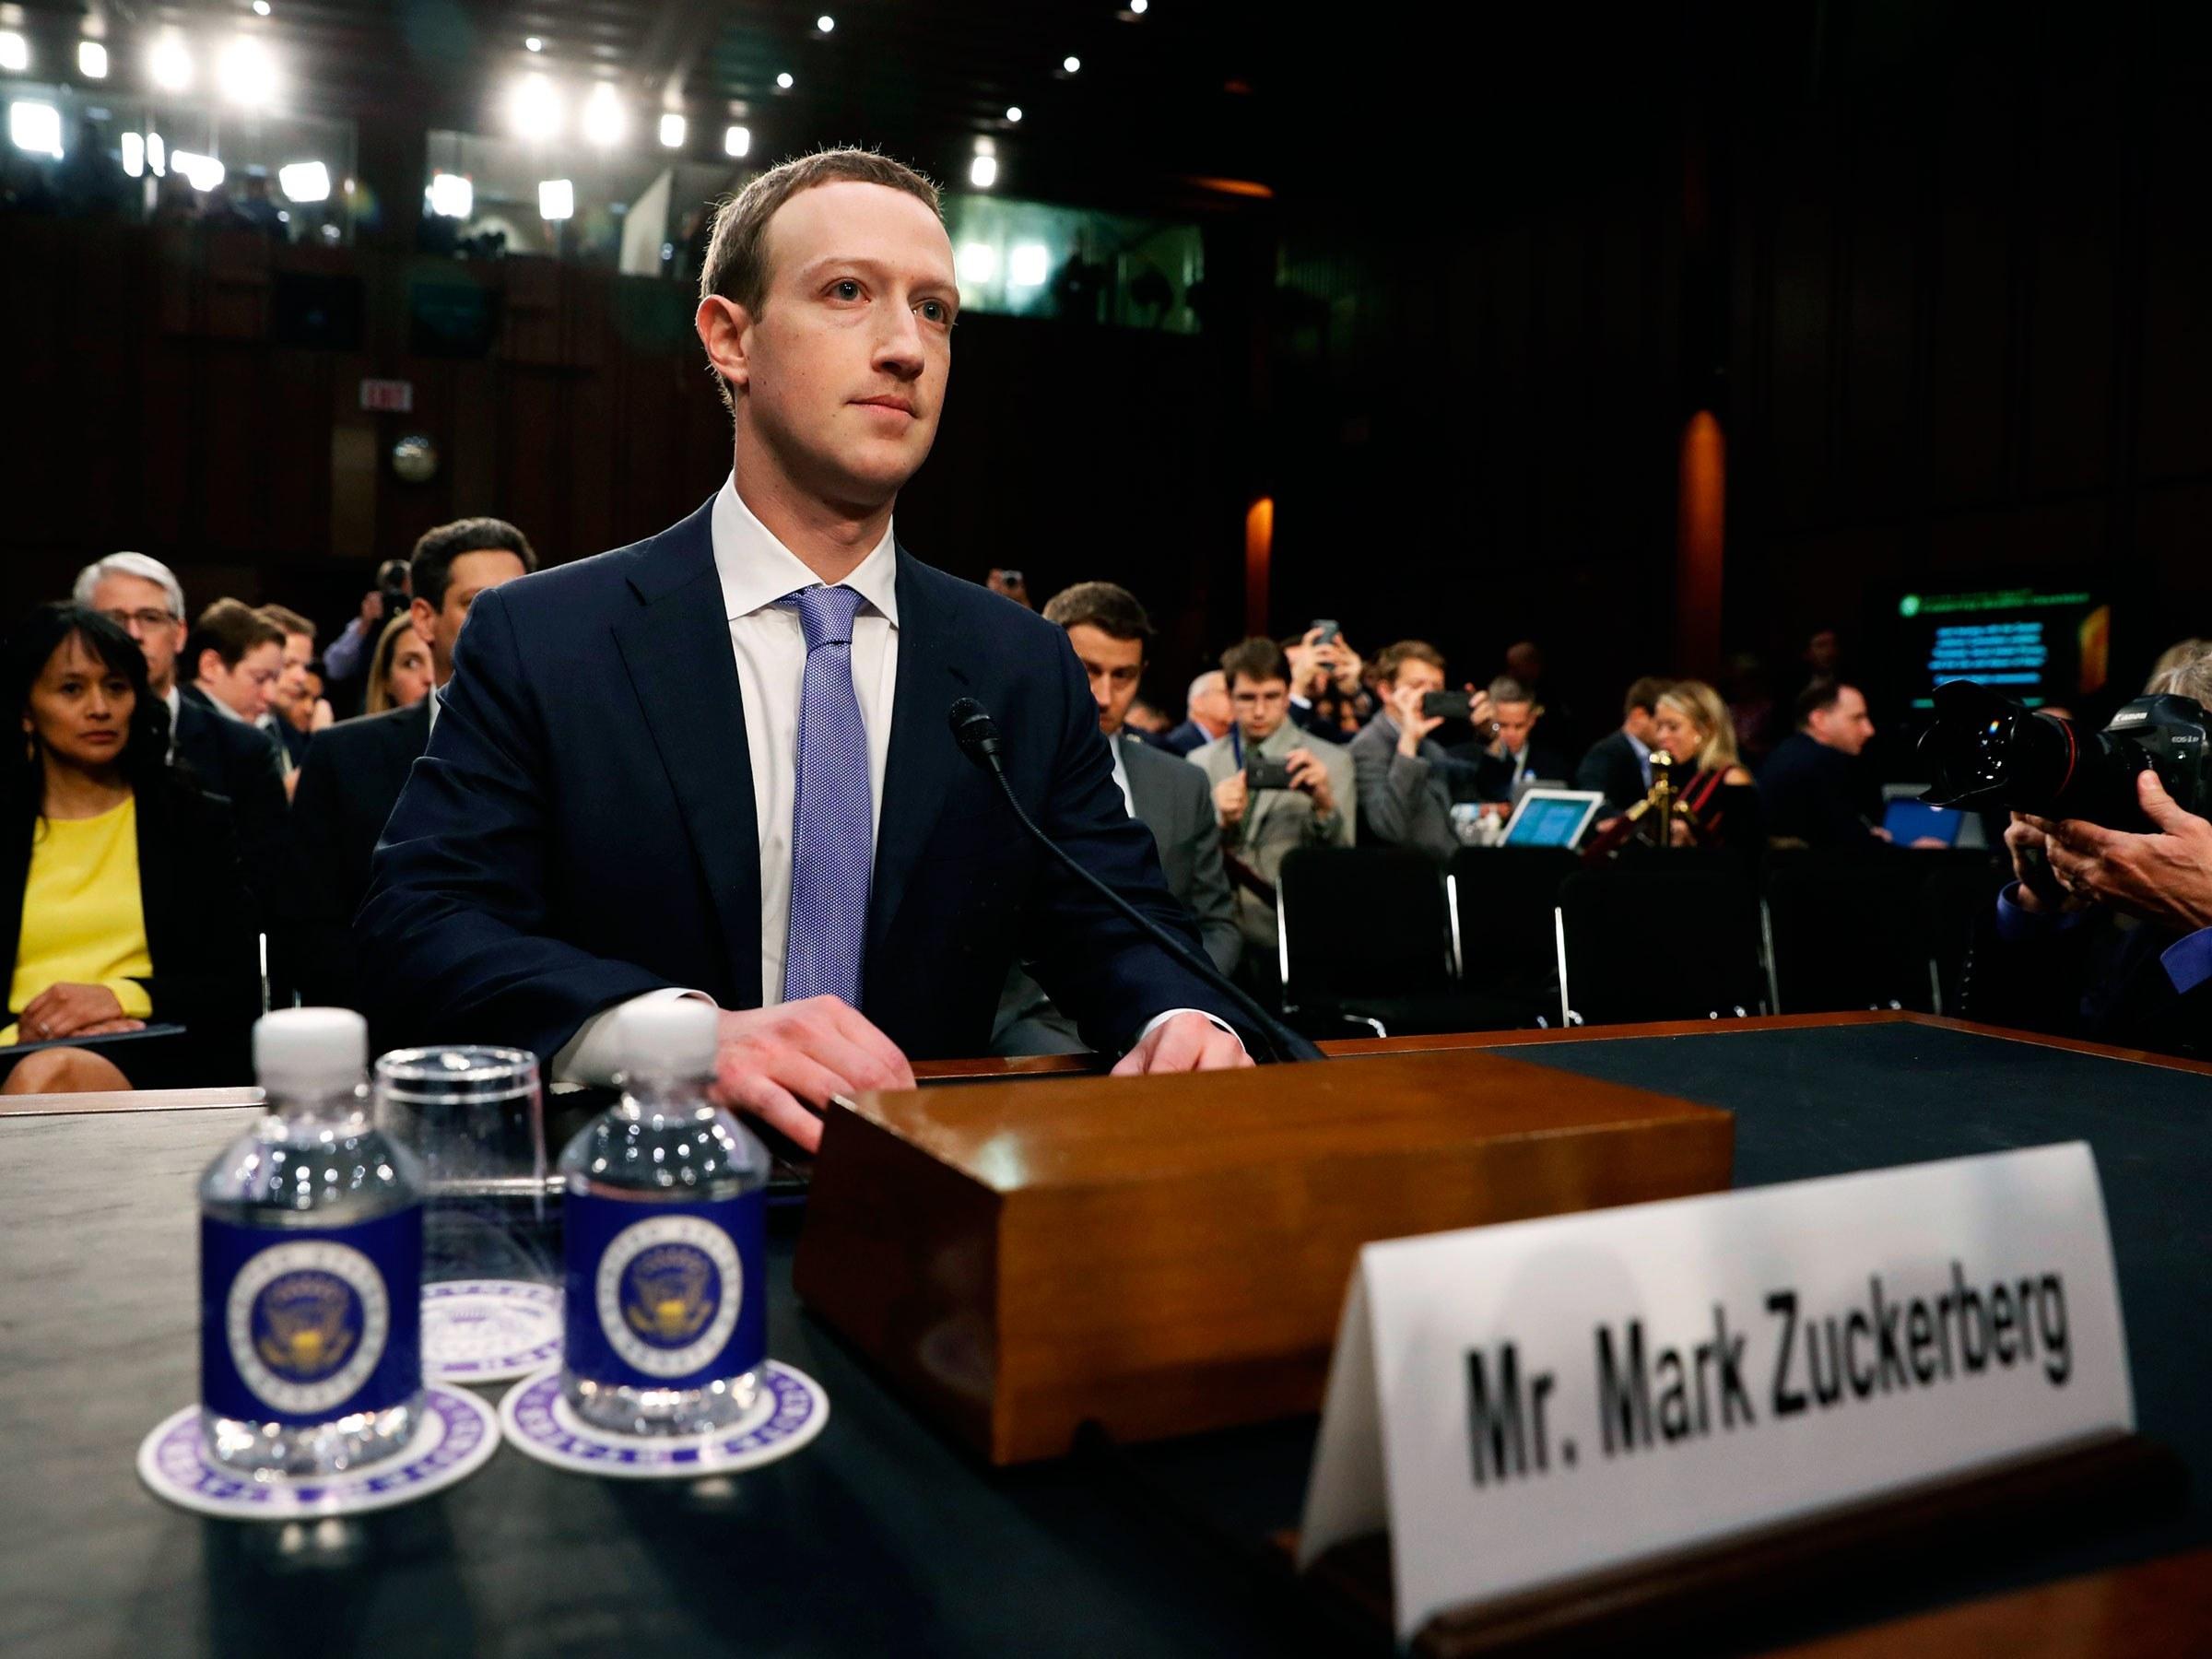 Mark Zuckerberg deveria estar em cana, vendo o sol nascer quadrado há tempos.